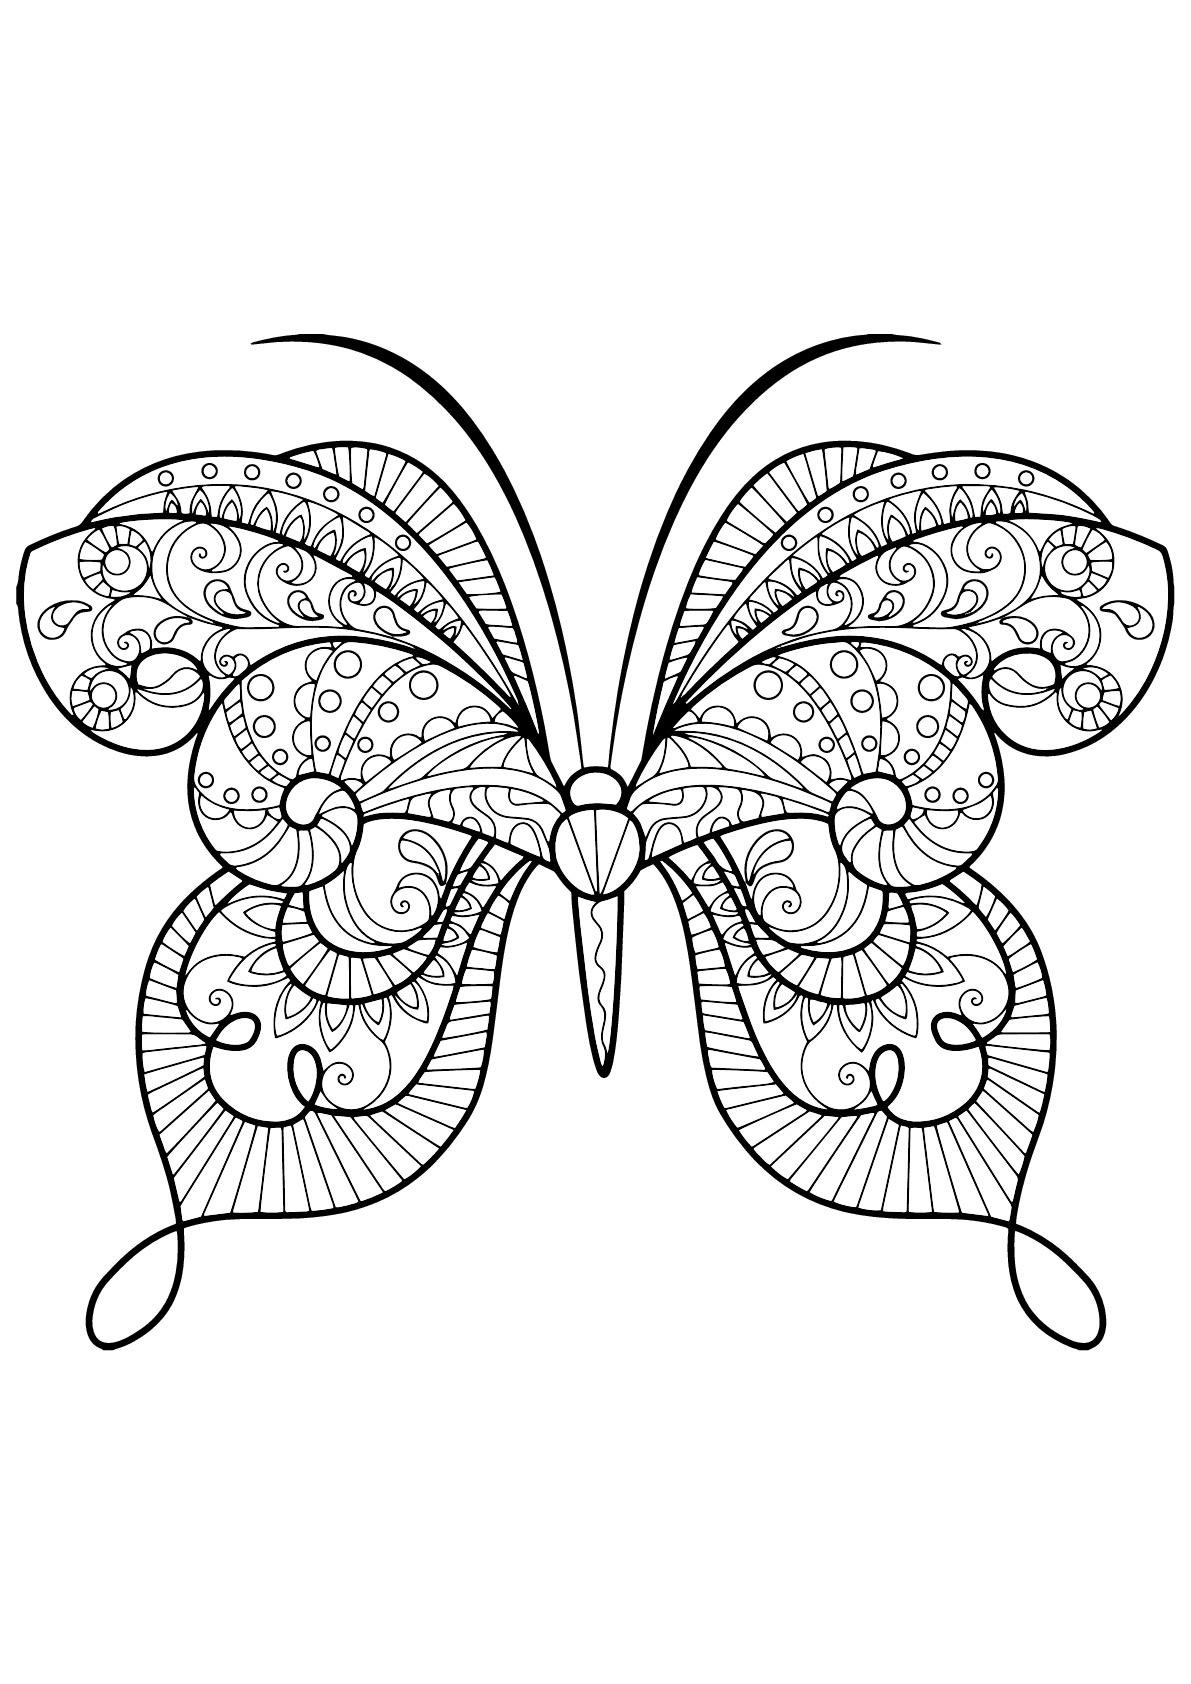 Coloriage De Papillons À Imprimer - Coloriage De Papillons tout Masque Papillon À Imprimer